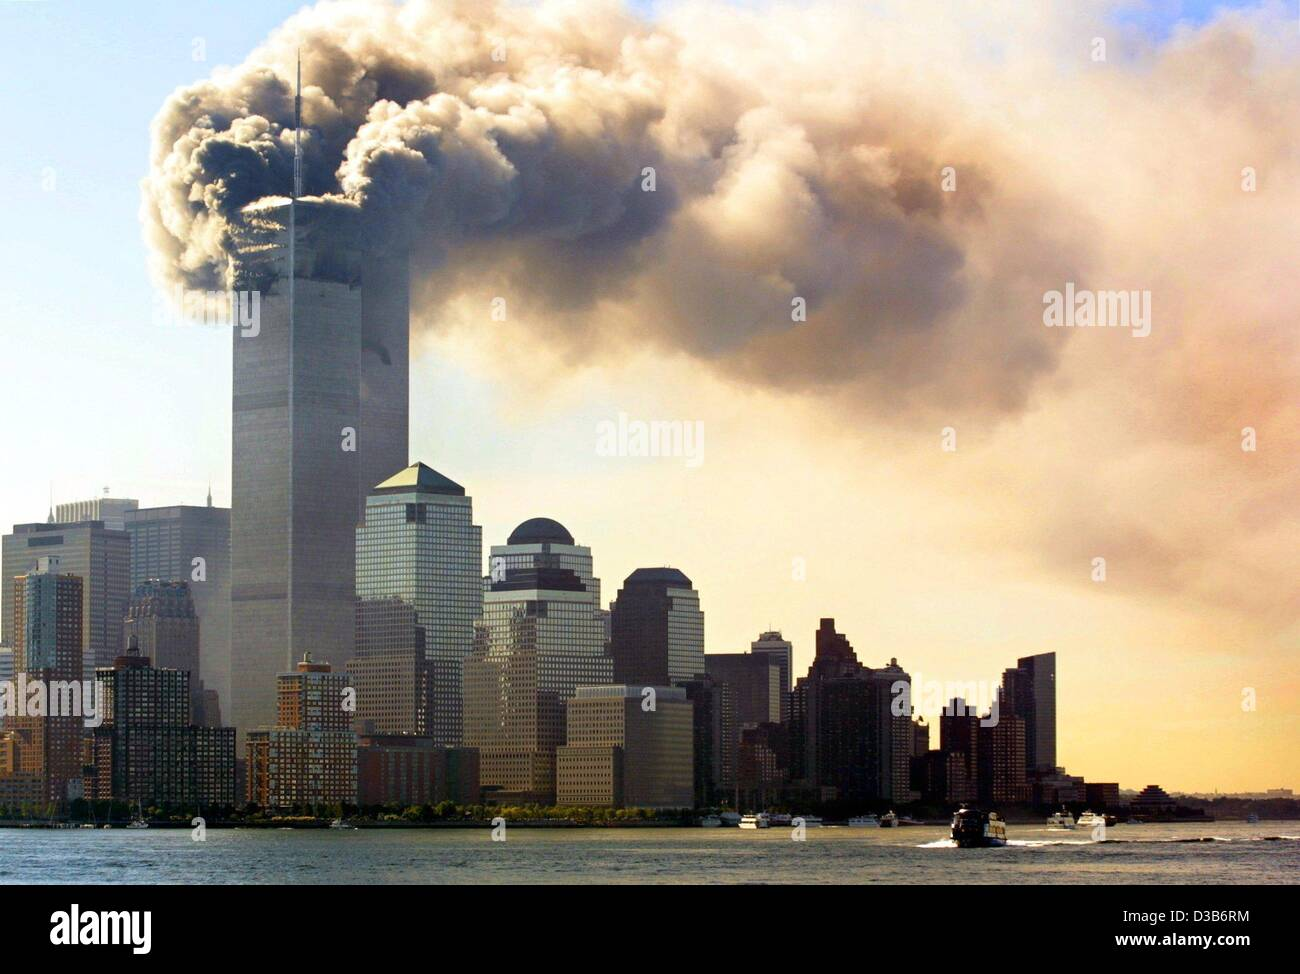 (Afp) - Les nuages de fumée s'élèvent de la combustion étages juste avant que les tours Photo Stock